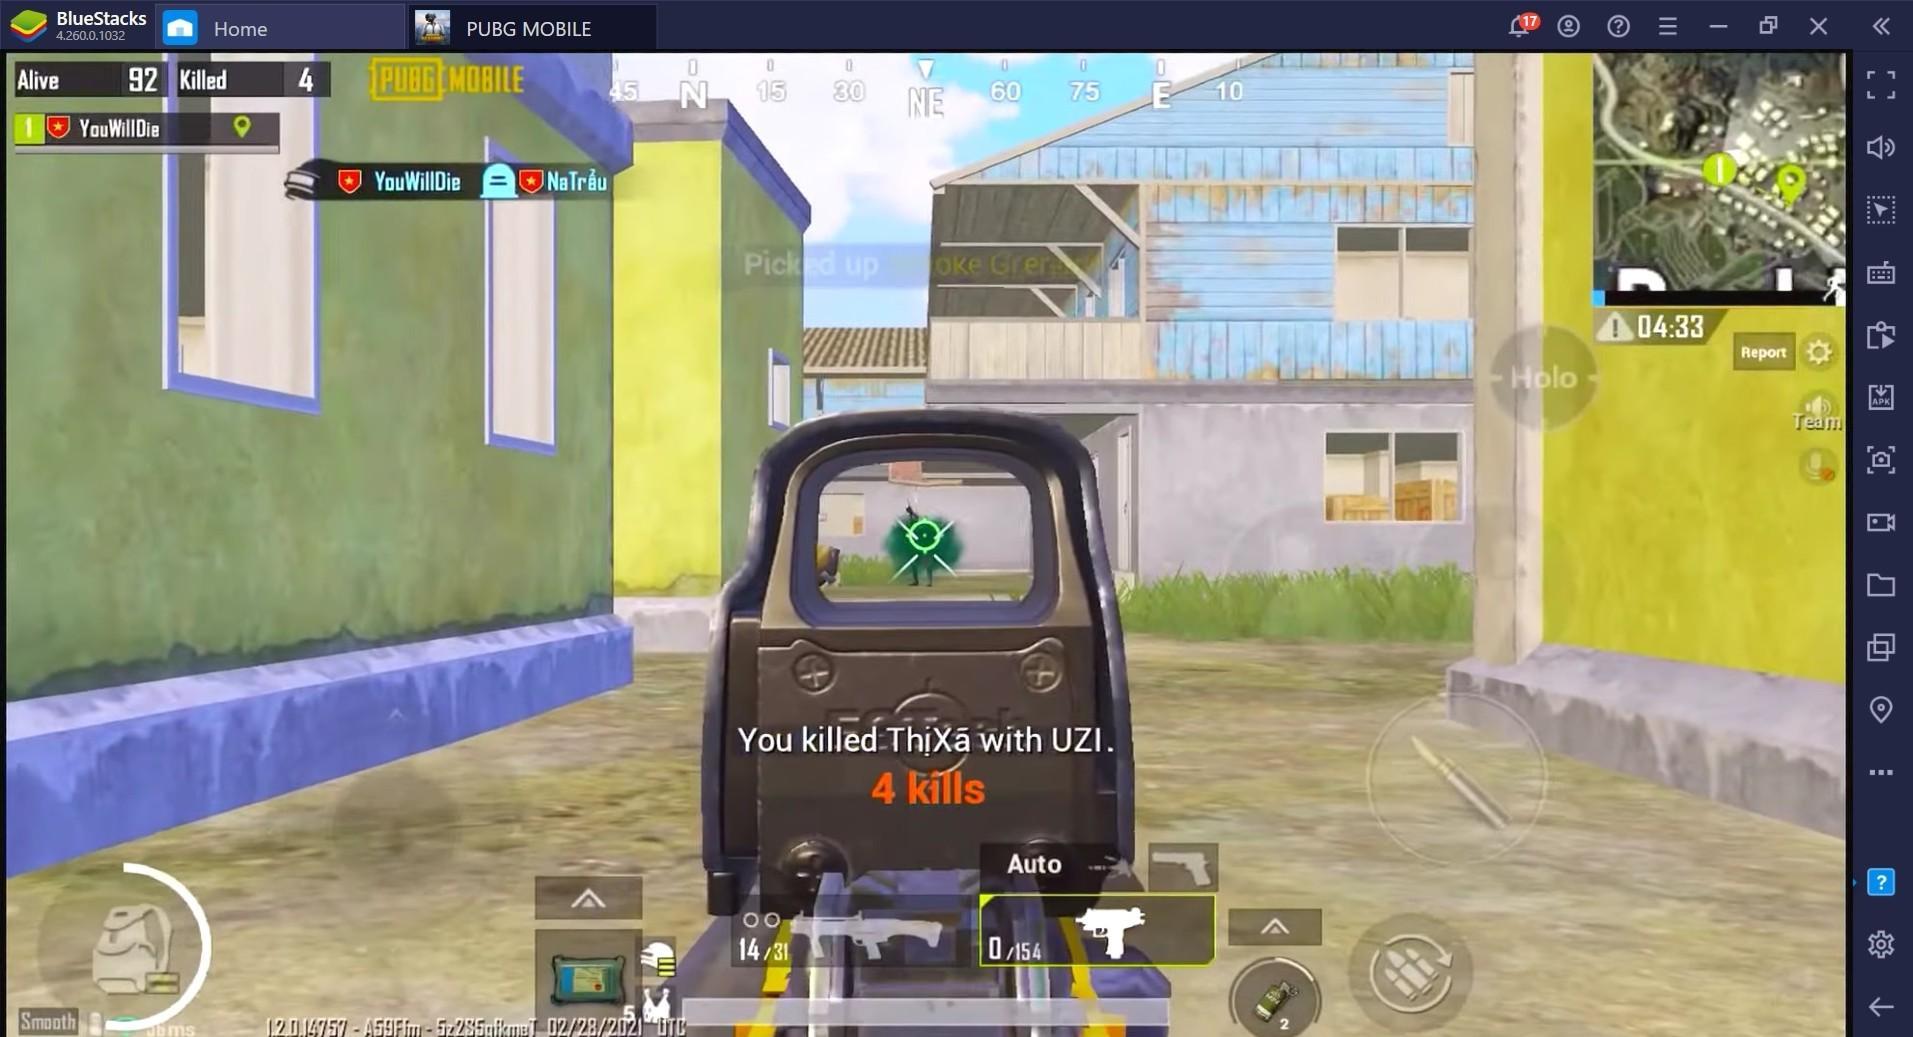 دليل سلاح البندقية الهجومية من مصنع أسلحة سانت إتيان (FAMAS) في لعبة PUBG Mobile: يجب إدارة ارتدادها